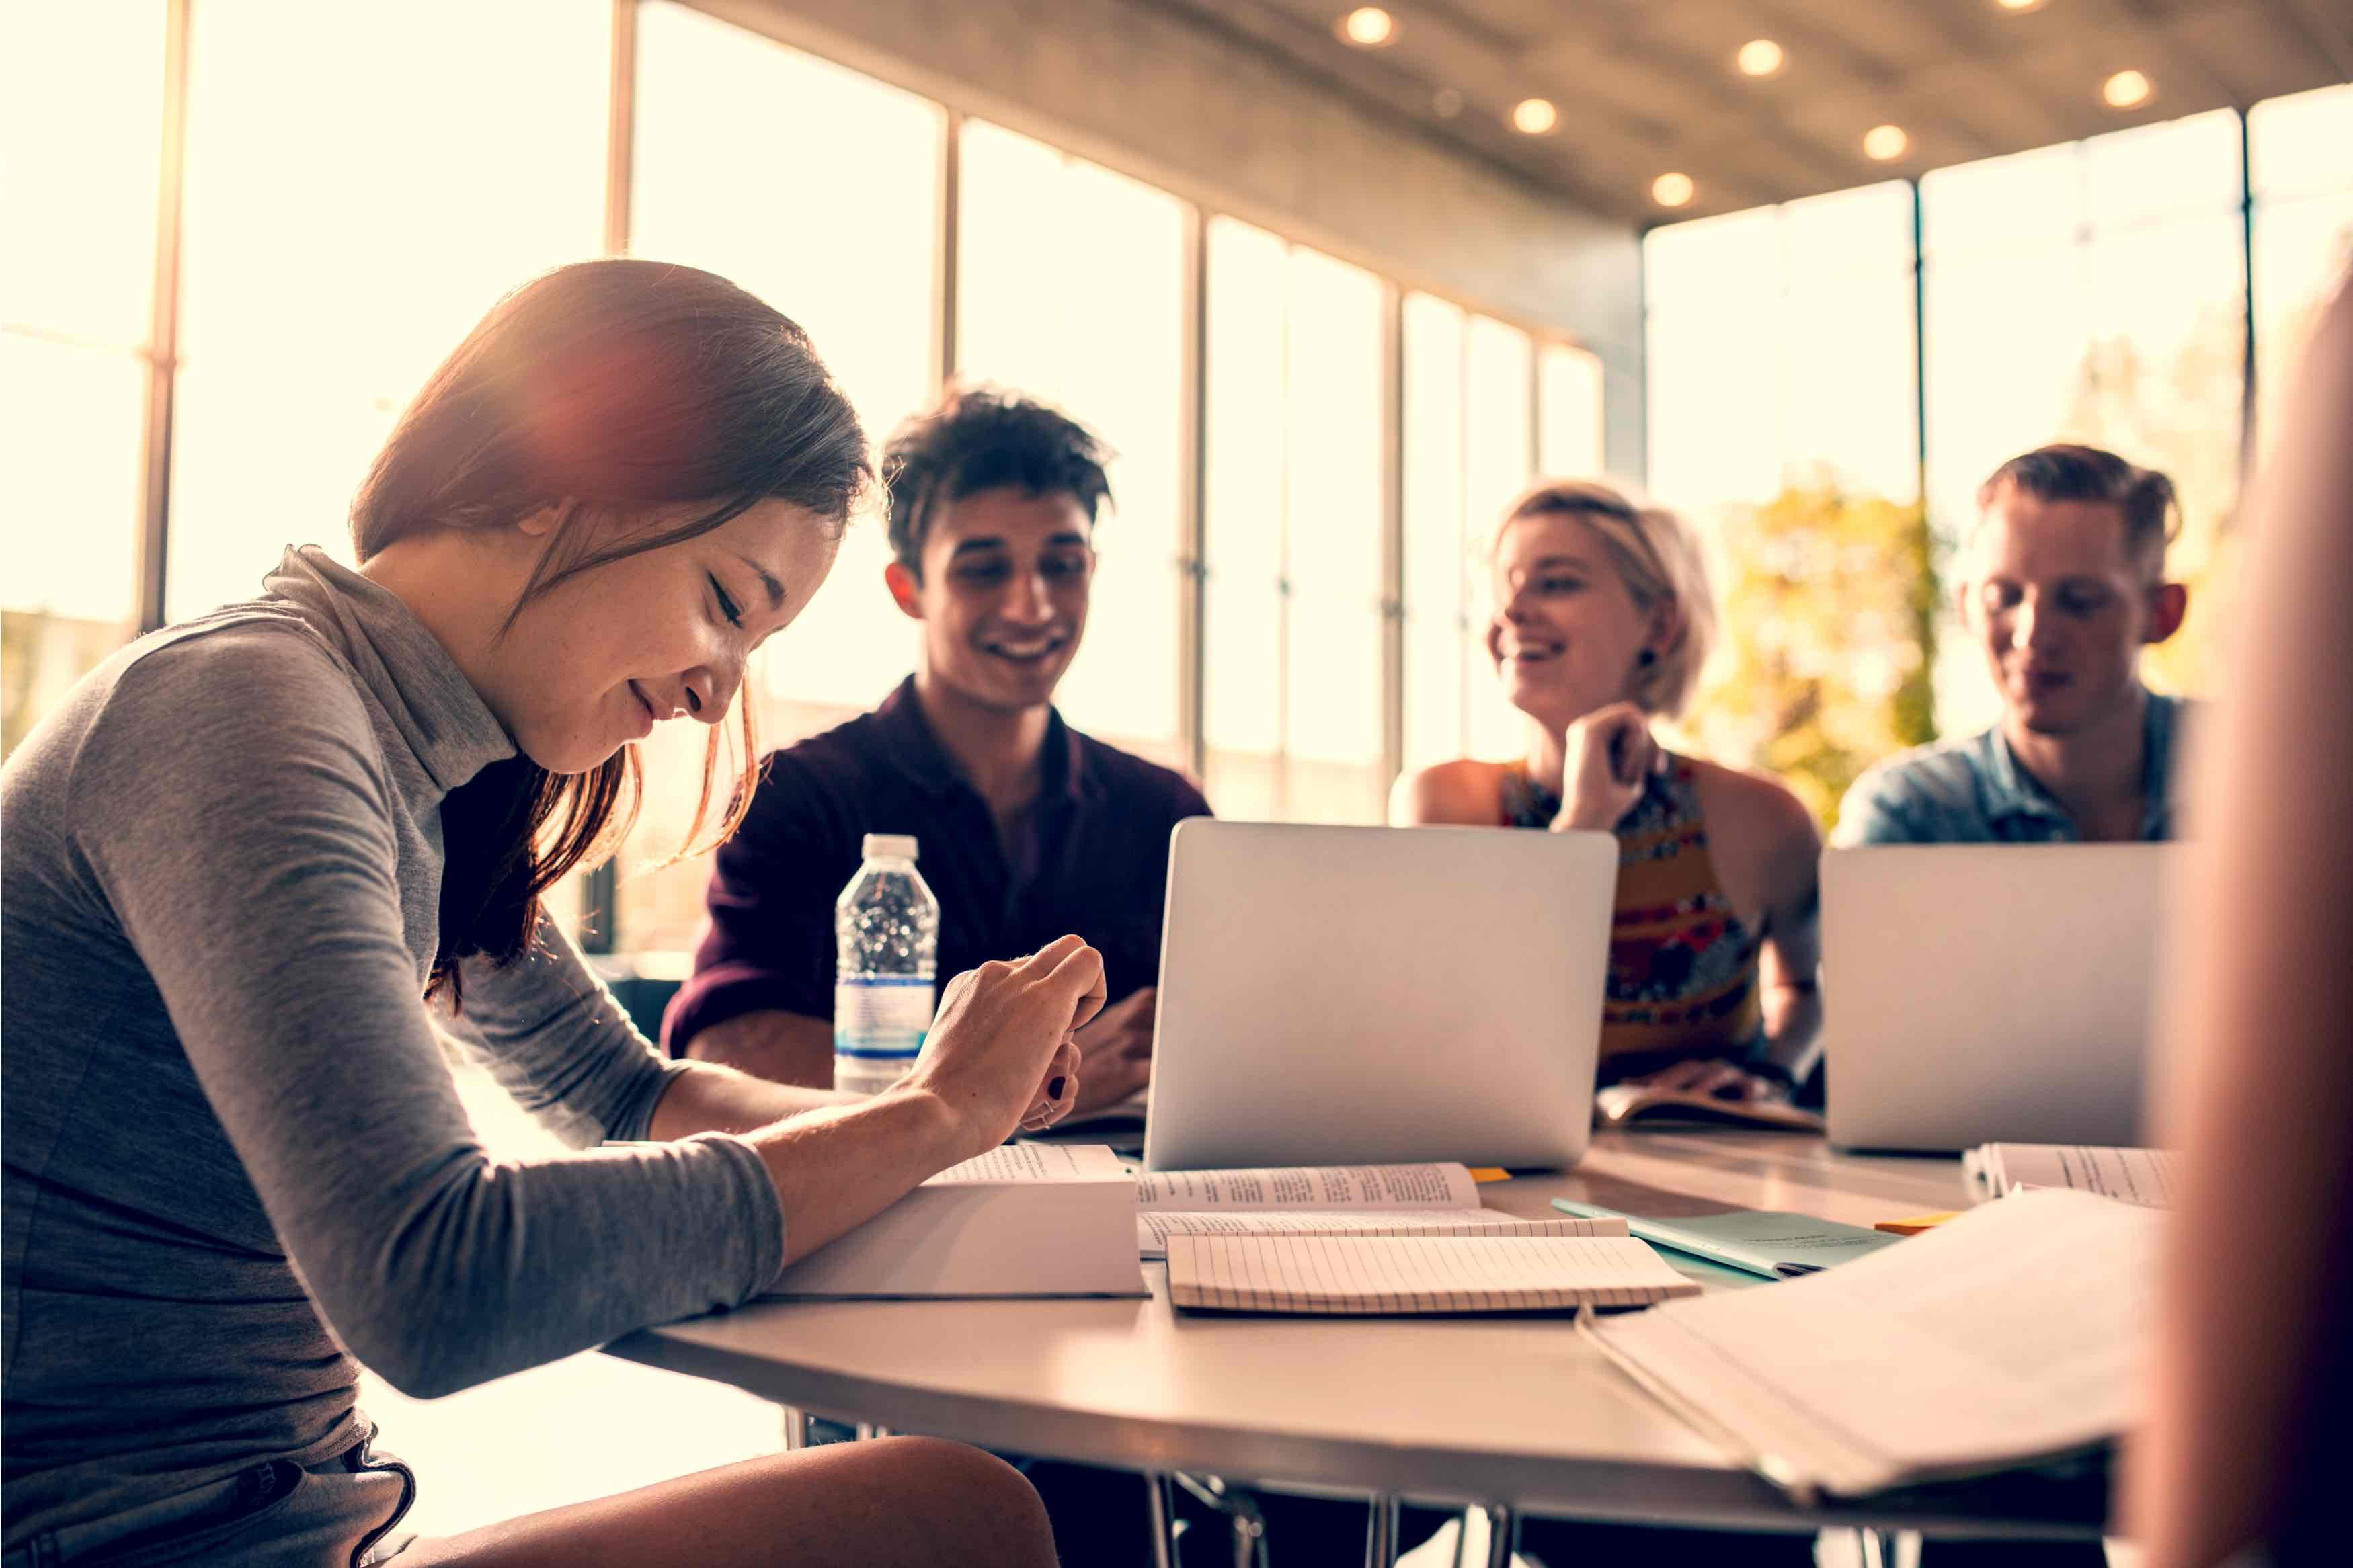 Le 10 Frasi Degli Studenti Universitari Di Giurisprudenza